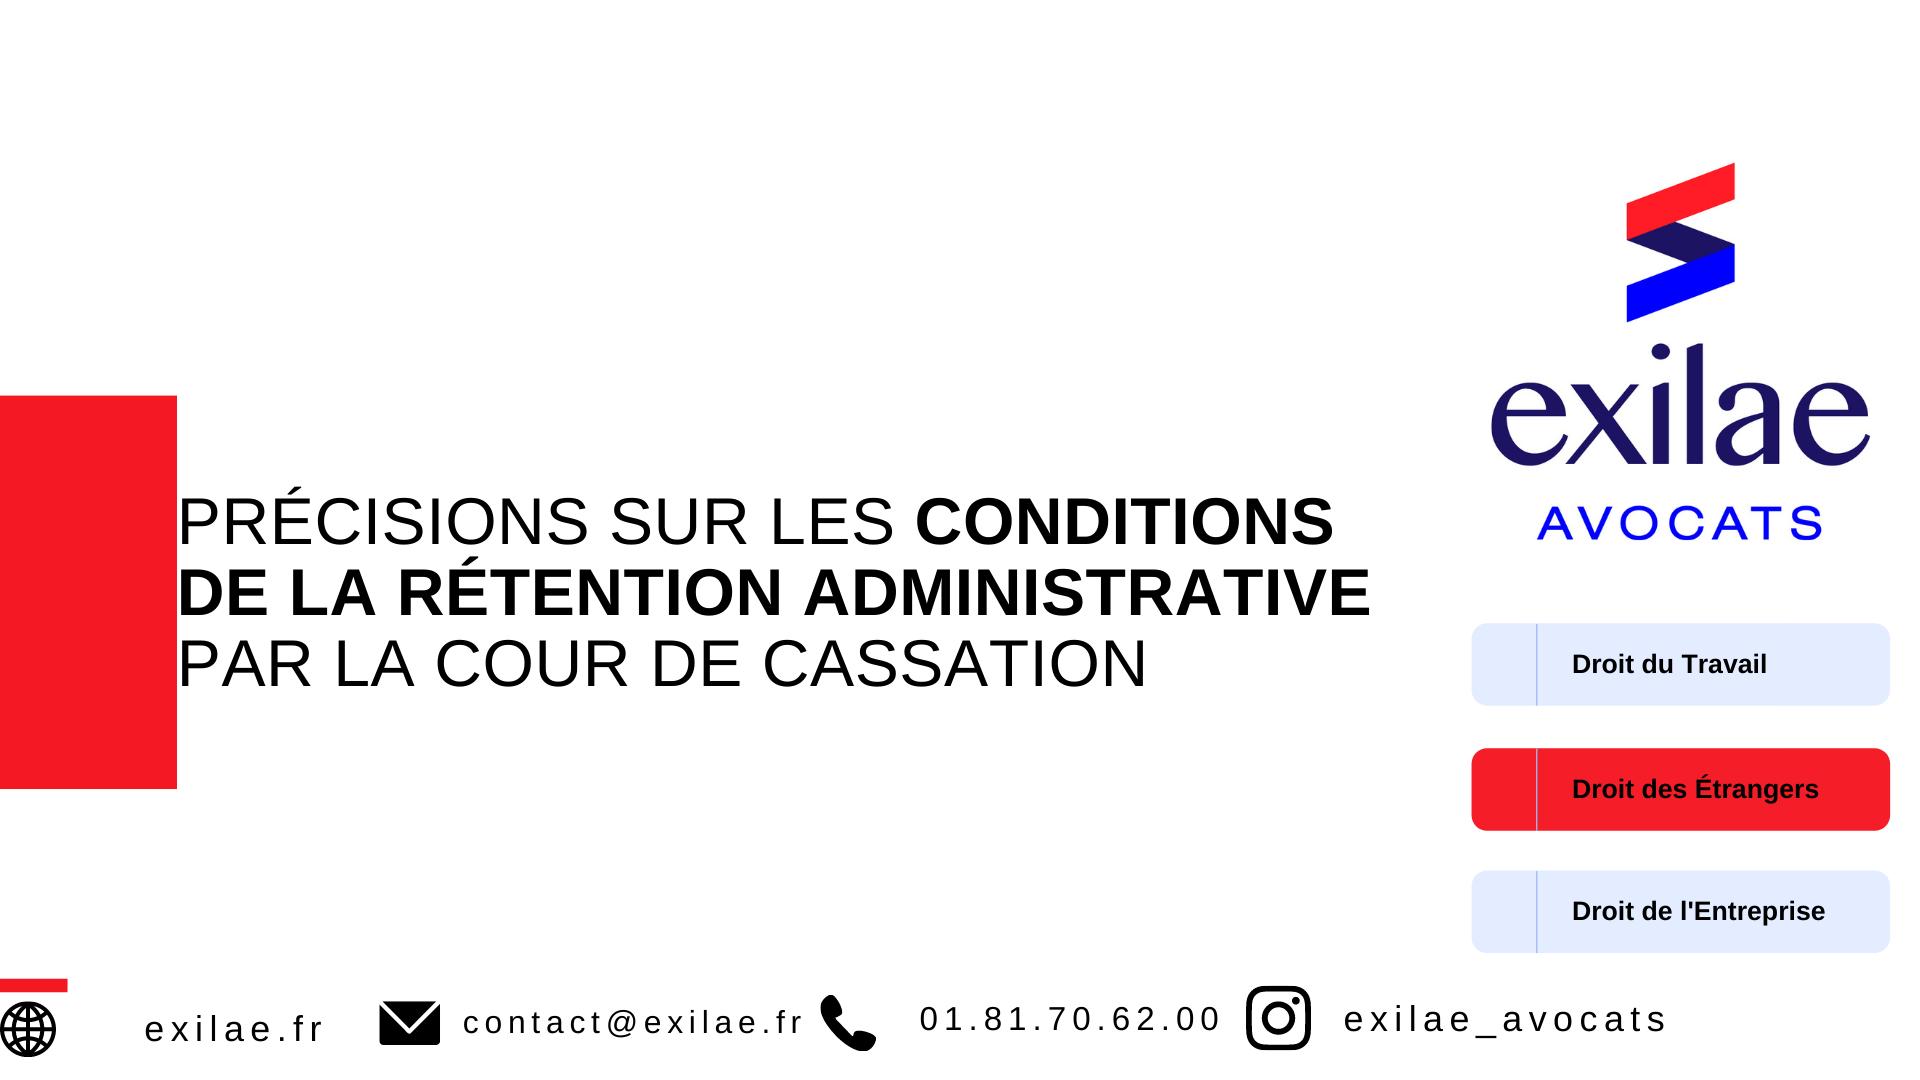 Précisions sur les conditions de la rétention administrative